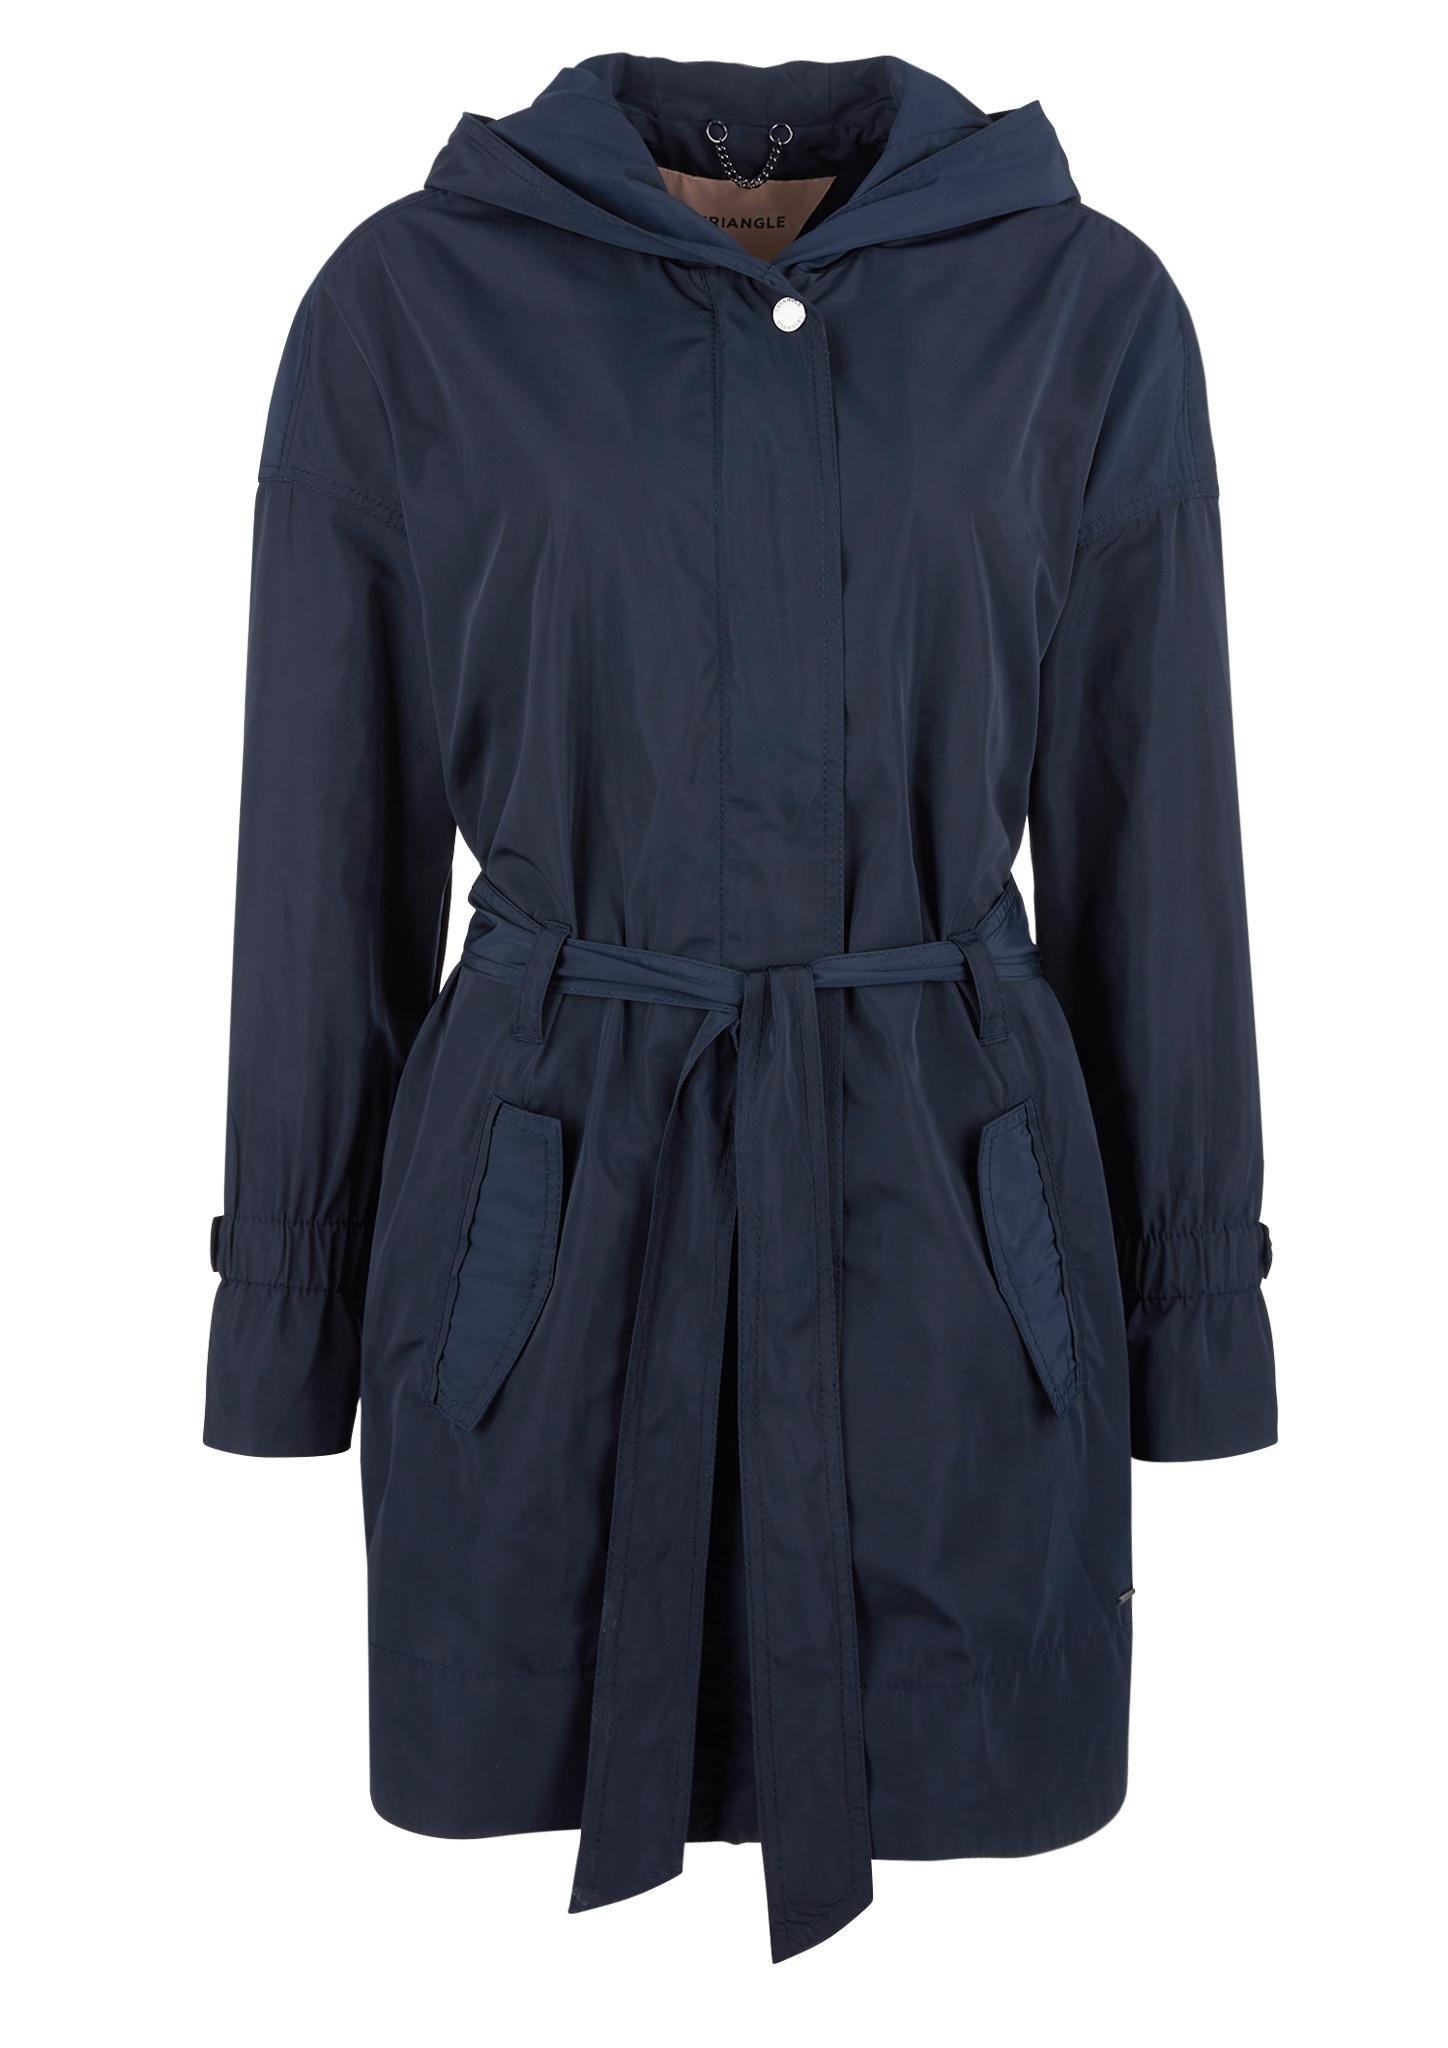 Mantel | Bekleidung > Mäntel > Sonstige Mäntel | Blau | 100% polyester | TRIANGLE